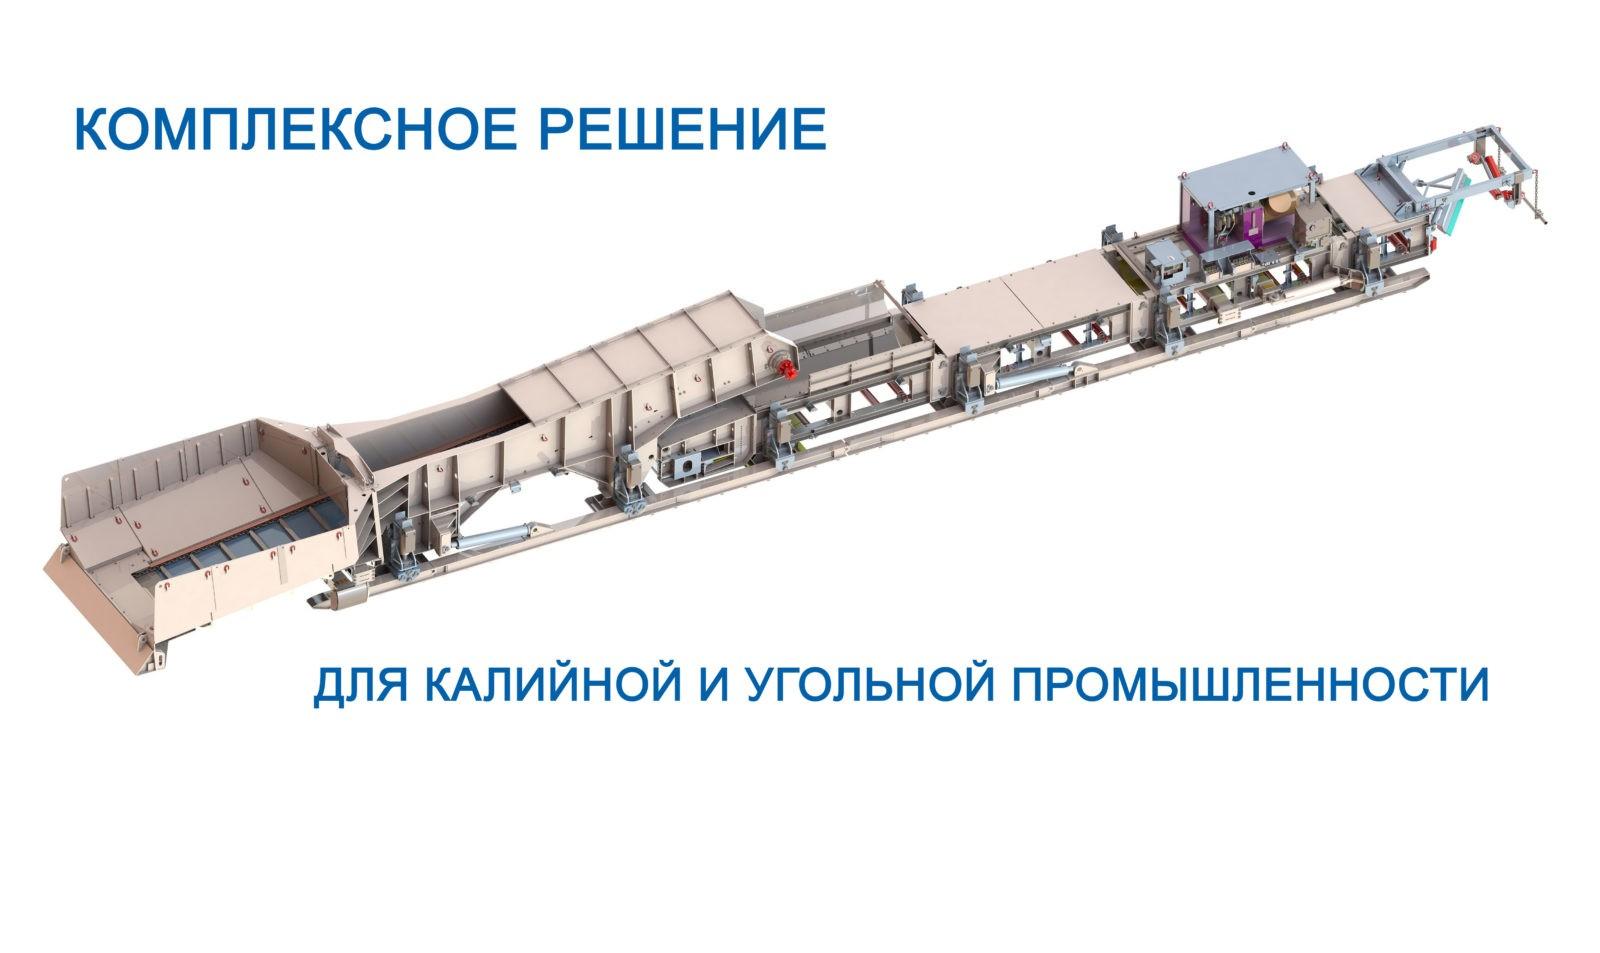 10, 11, 13 сентября состоится демонстрация погрузочно-транспортного комплекса.